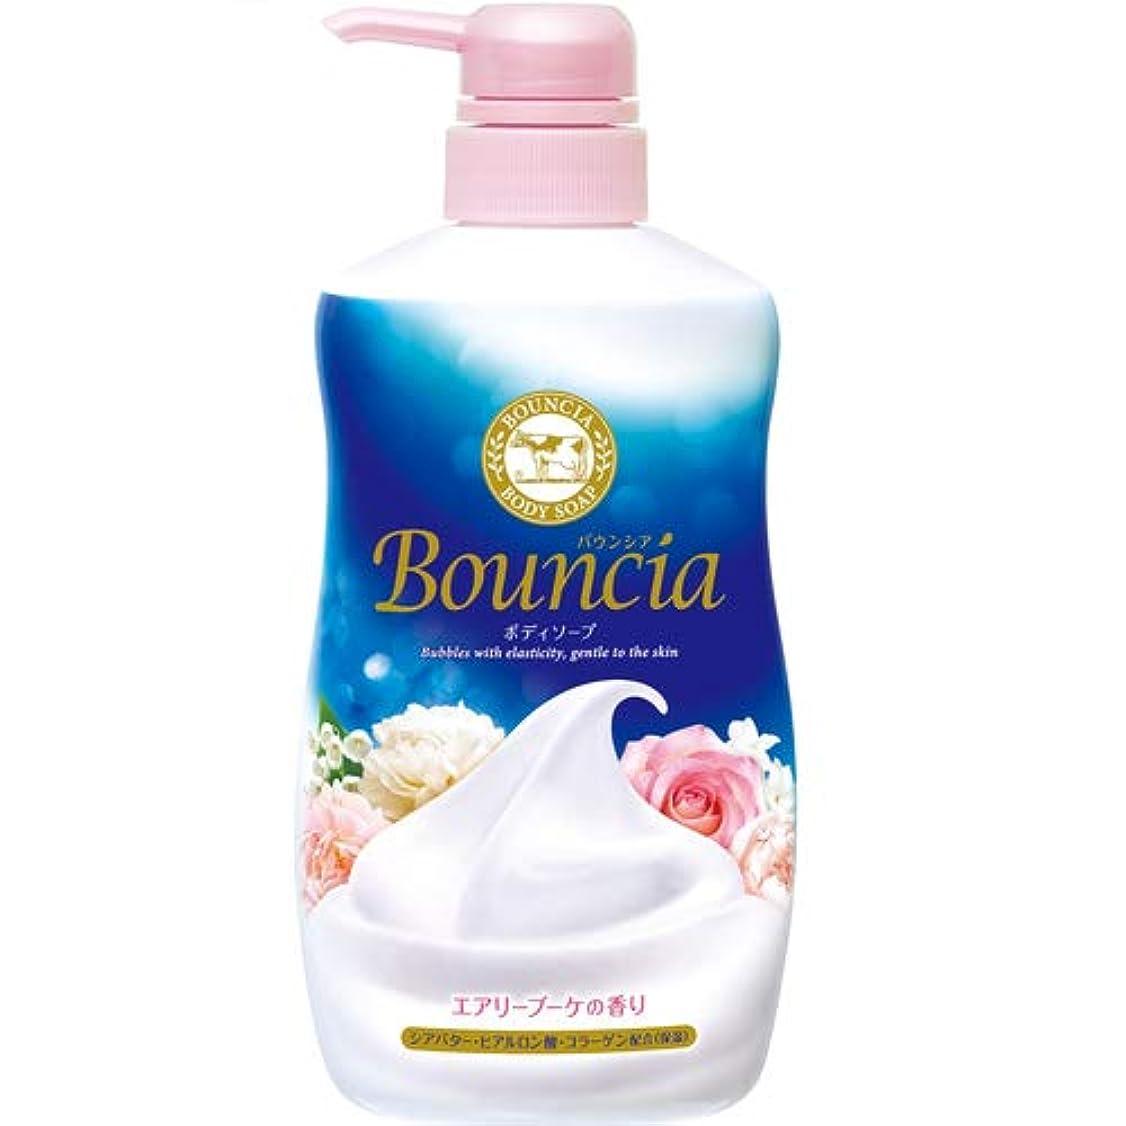 アリほのめかすハンバーガーバウンシア ボディソープ エアリーブーケの香り ポンプ付 500mL